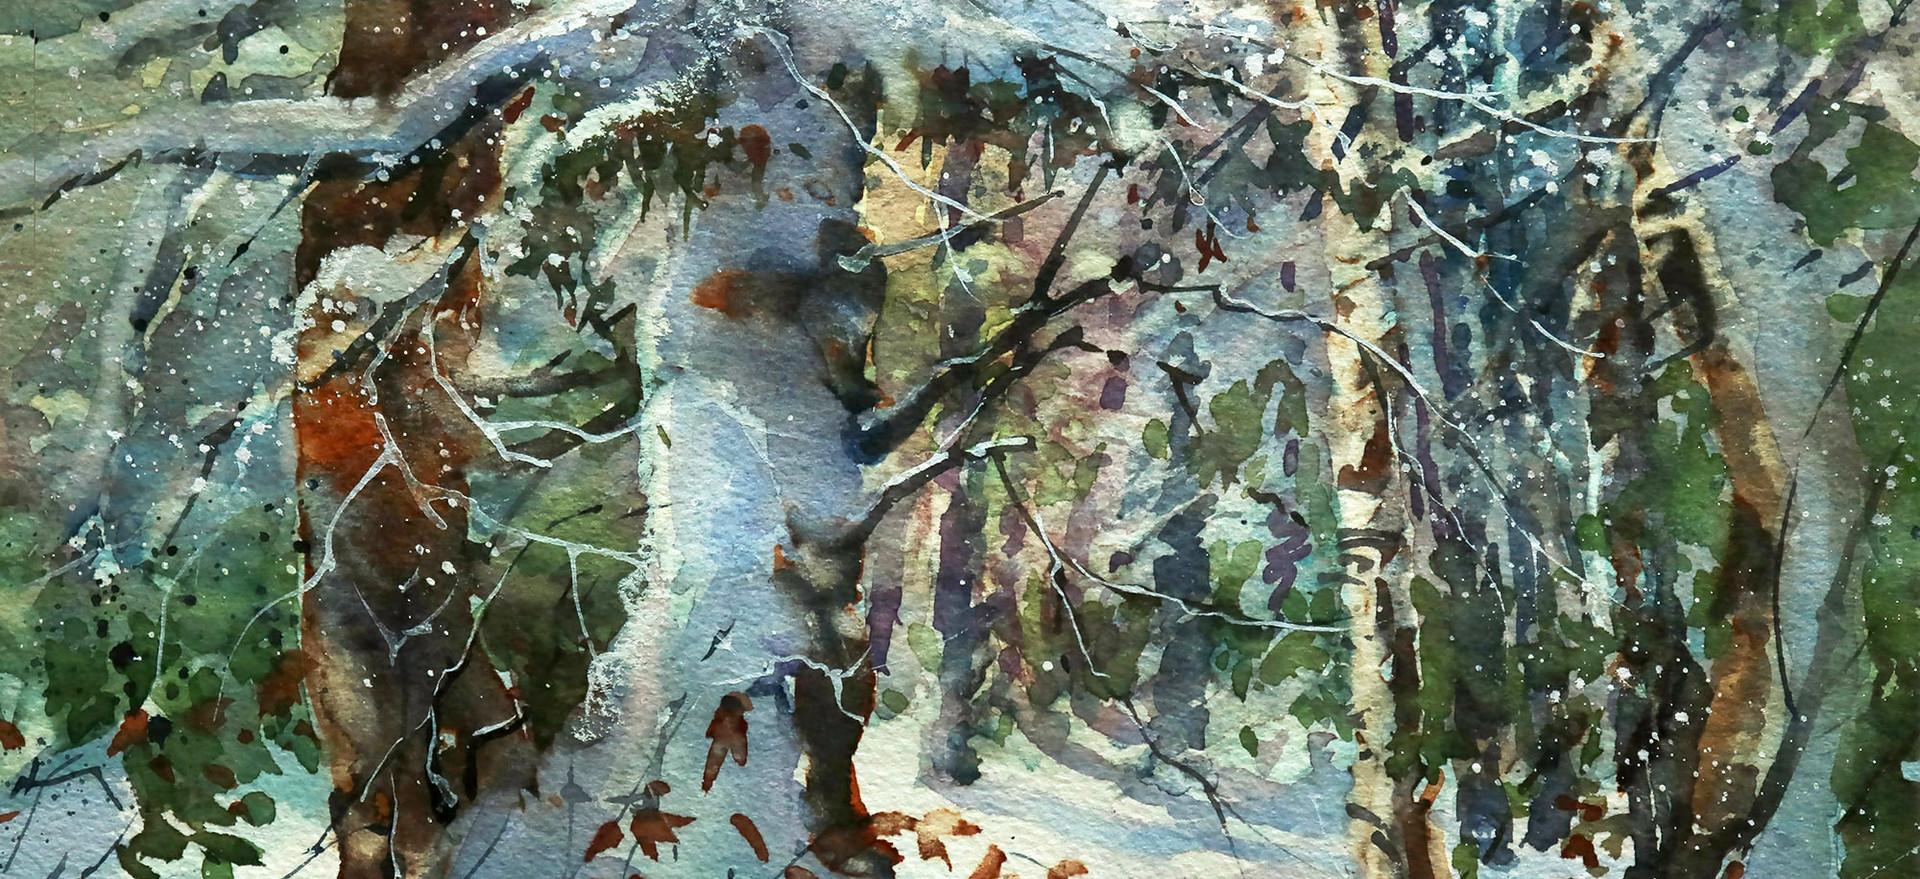 5. Snowy Grove